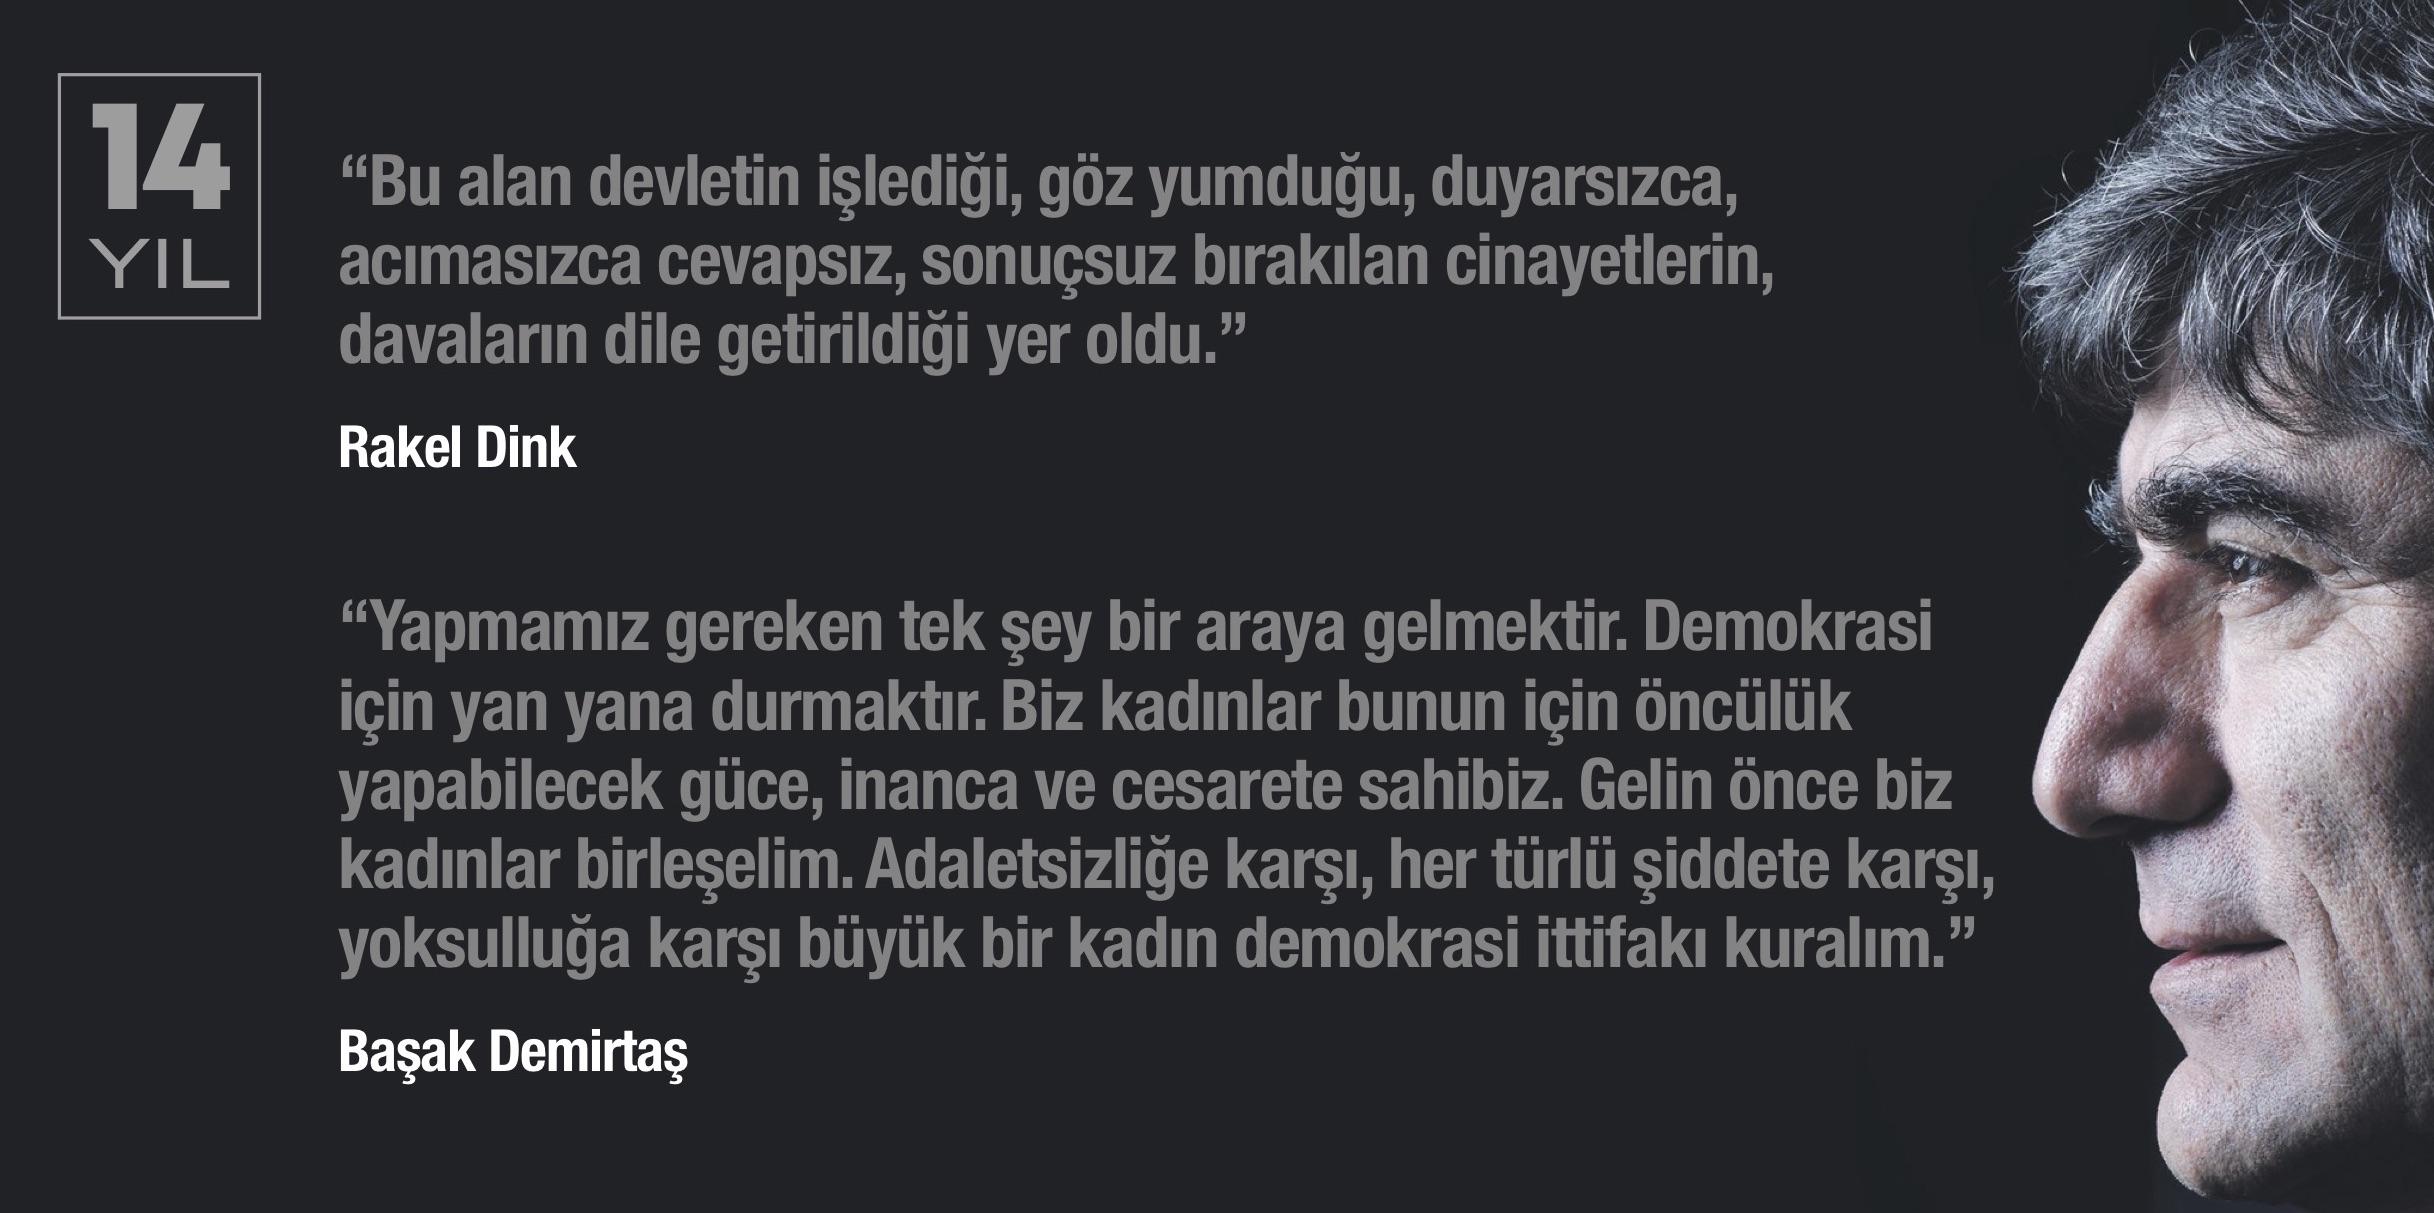 HRANT DİNK CİNAYETİNDE 14. YIL